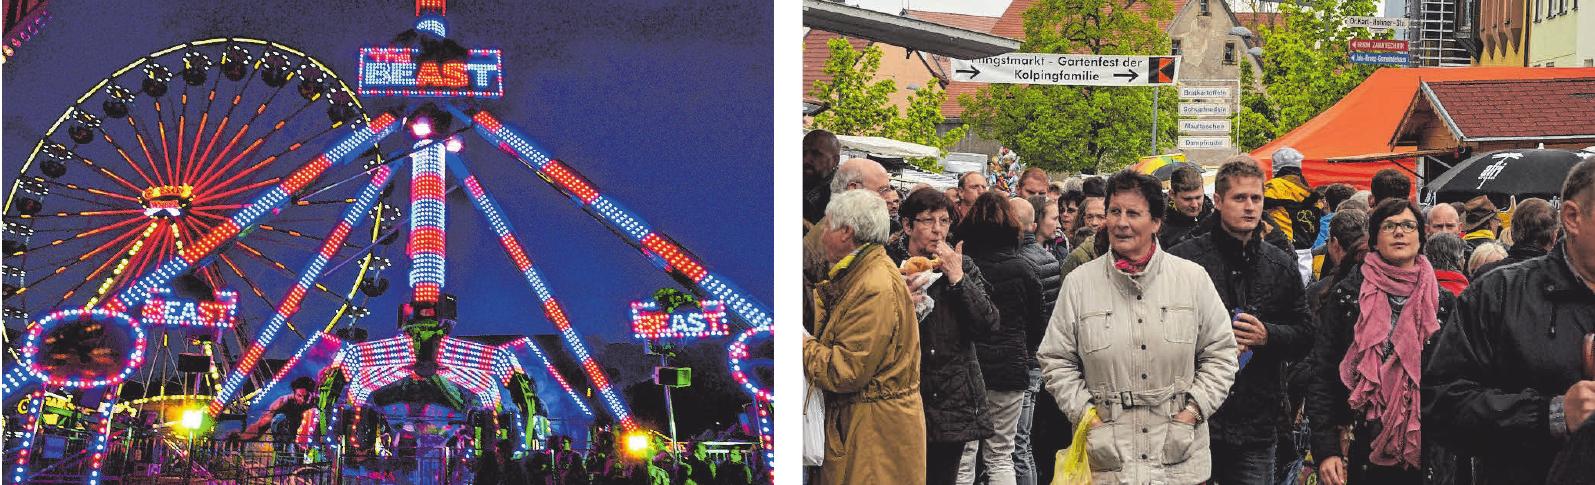 Spektakuläre Fahrgeschäfte beleben den Rummel - und am Pfingstmontag findet der eigentlich Anlass des Events, der Krämermarkt, statt.